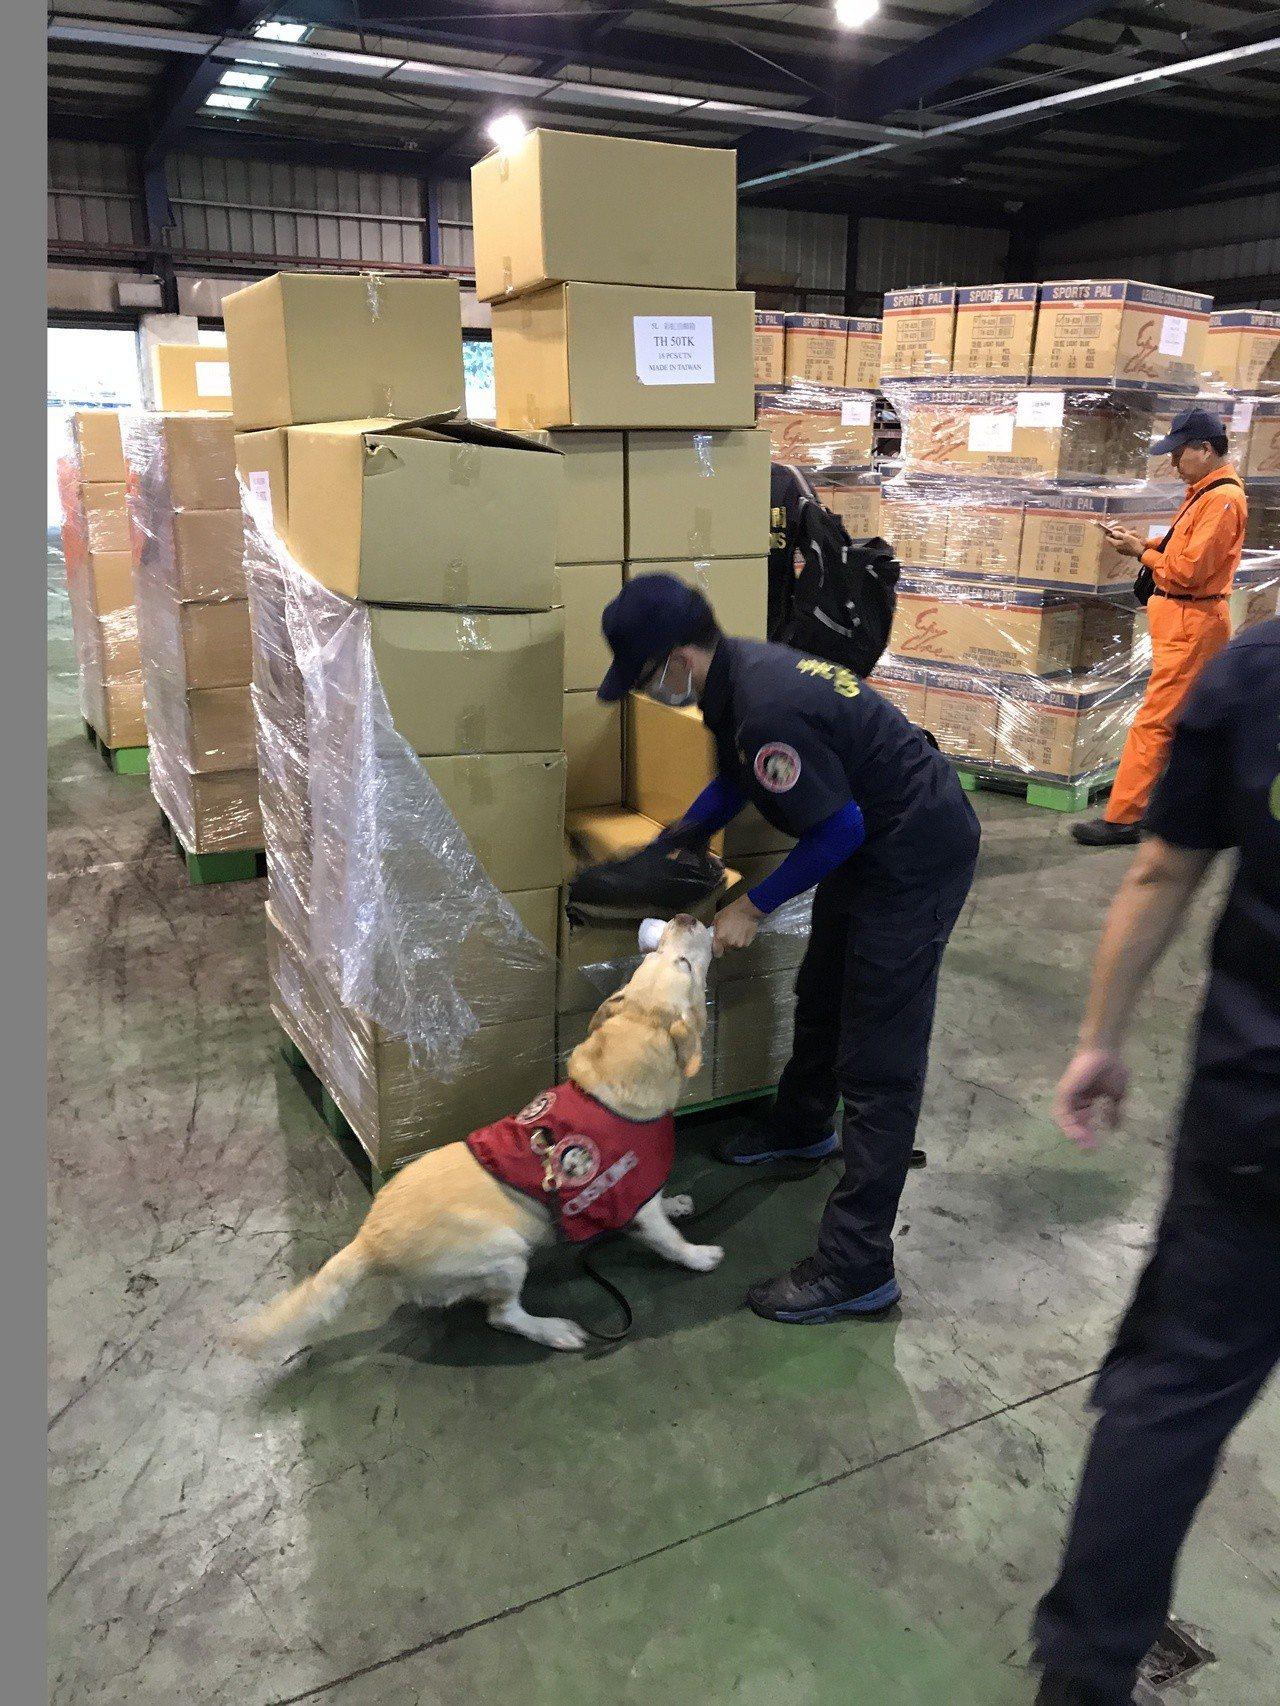 刑事局和海關聯手,在基隆港區攔截毒品貨櫃,出動緝毒犬查獲大批一粒眠毒品。圖/刑事...